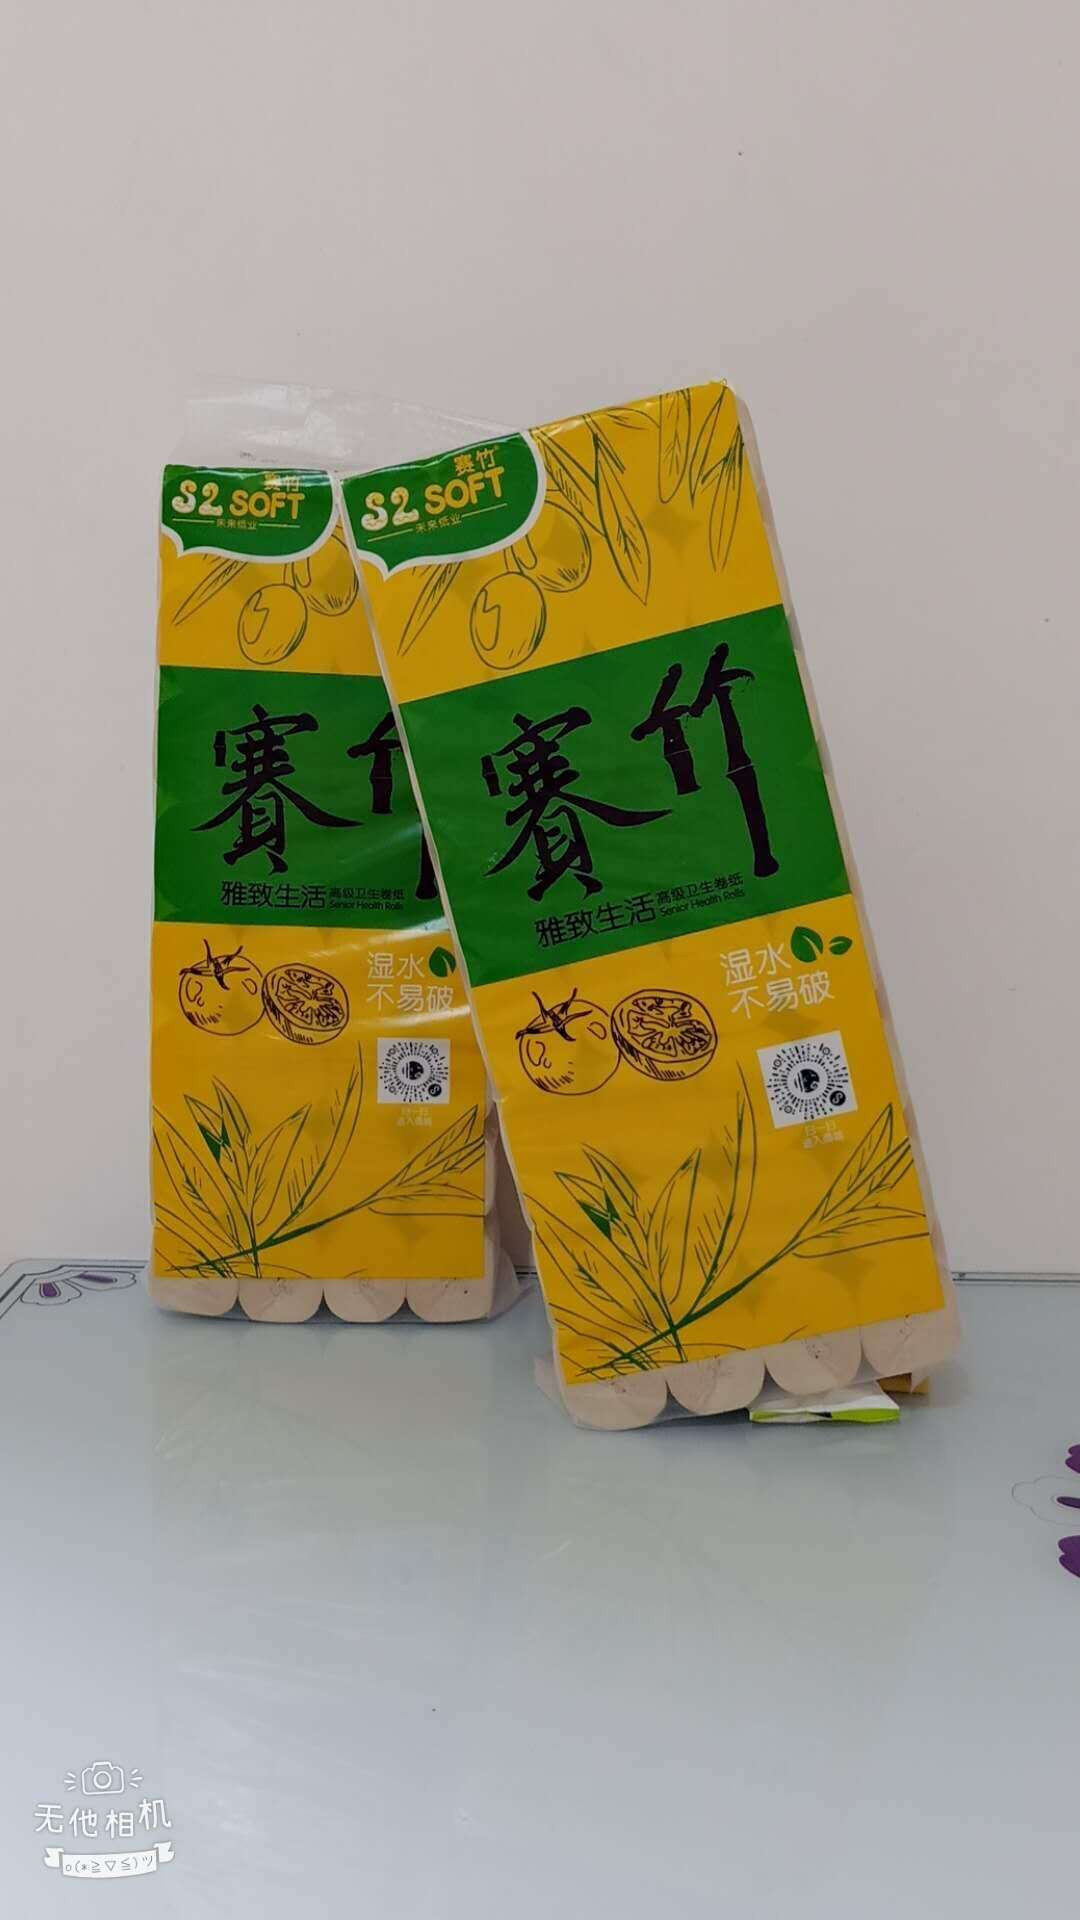 中国专业生产卫生用品_买高质量的卫生纸,就到濮阳县未来纸业